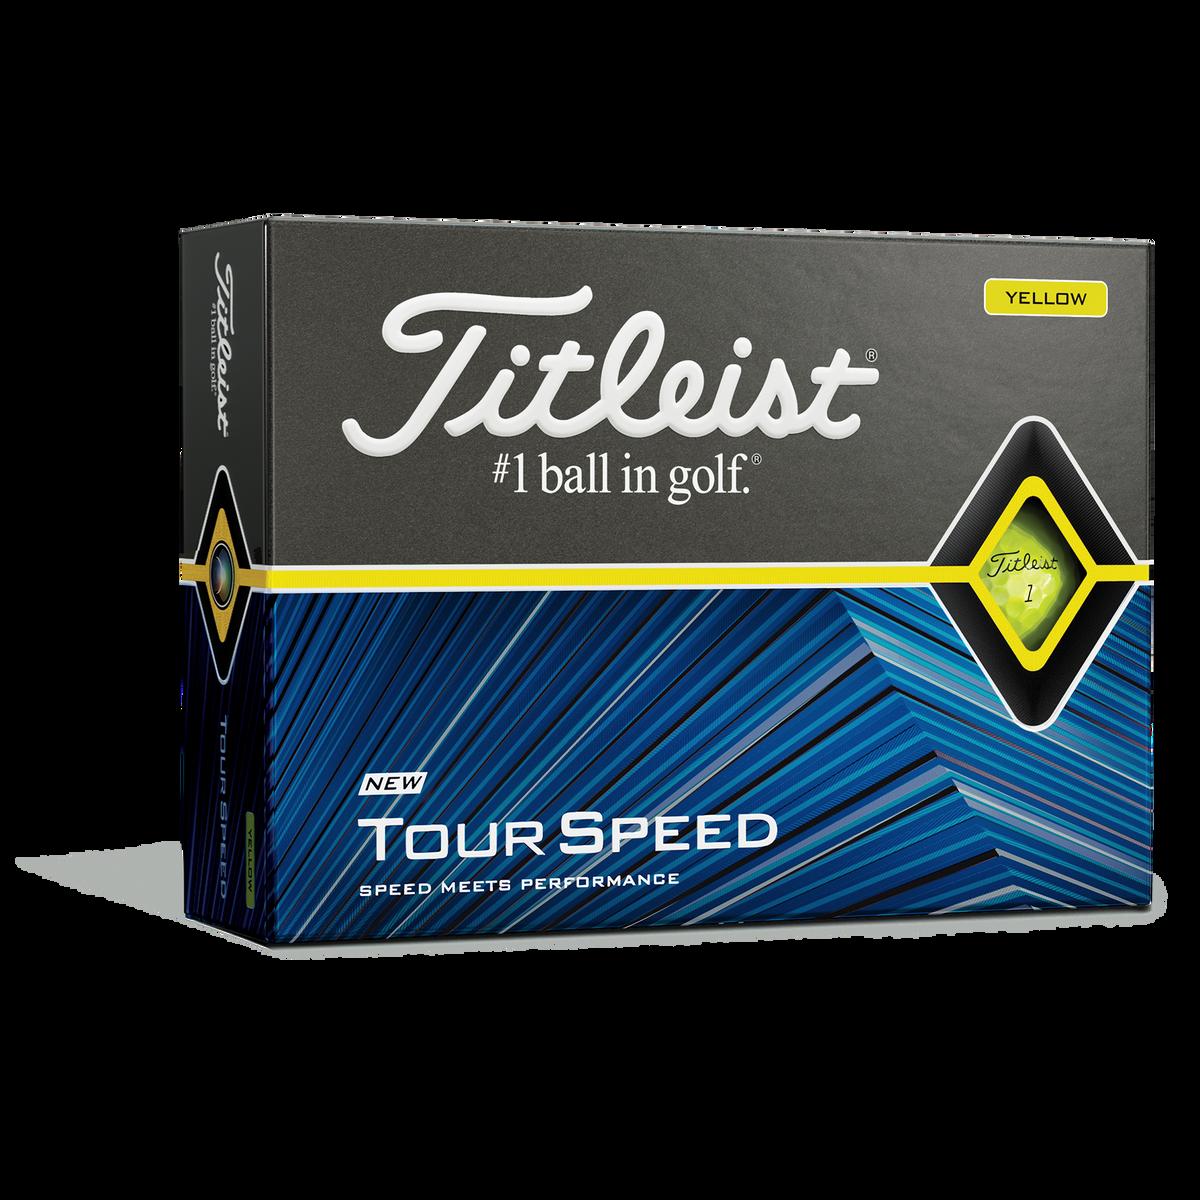 Tour Speed Yellow